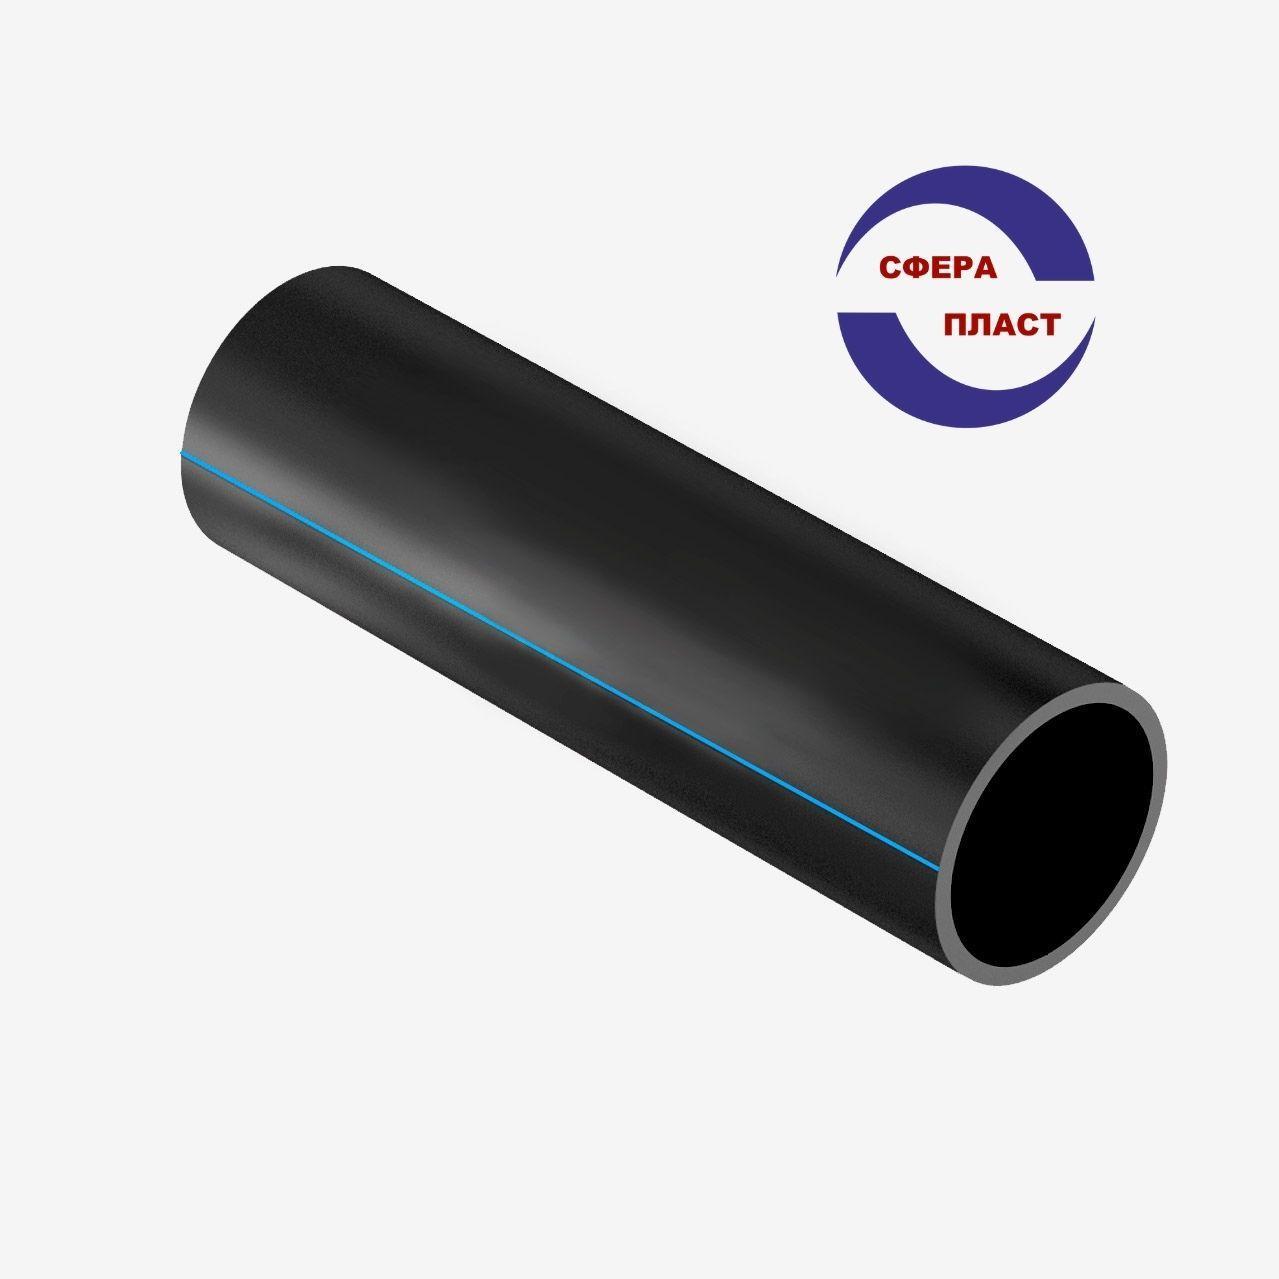 Труба Ду-250x18,4 SDR13,6 (12,5 атм)полиэтиленовая ПЭ-100